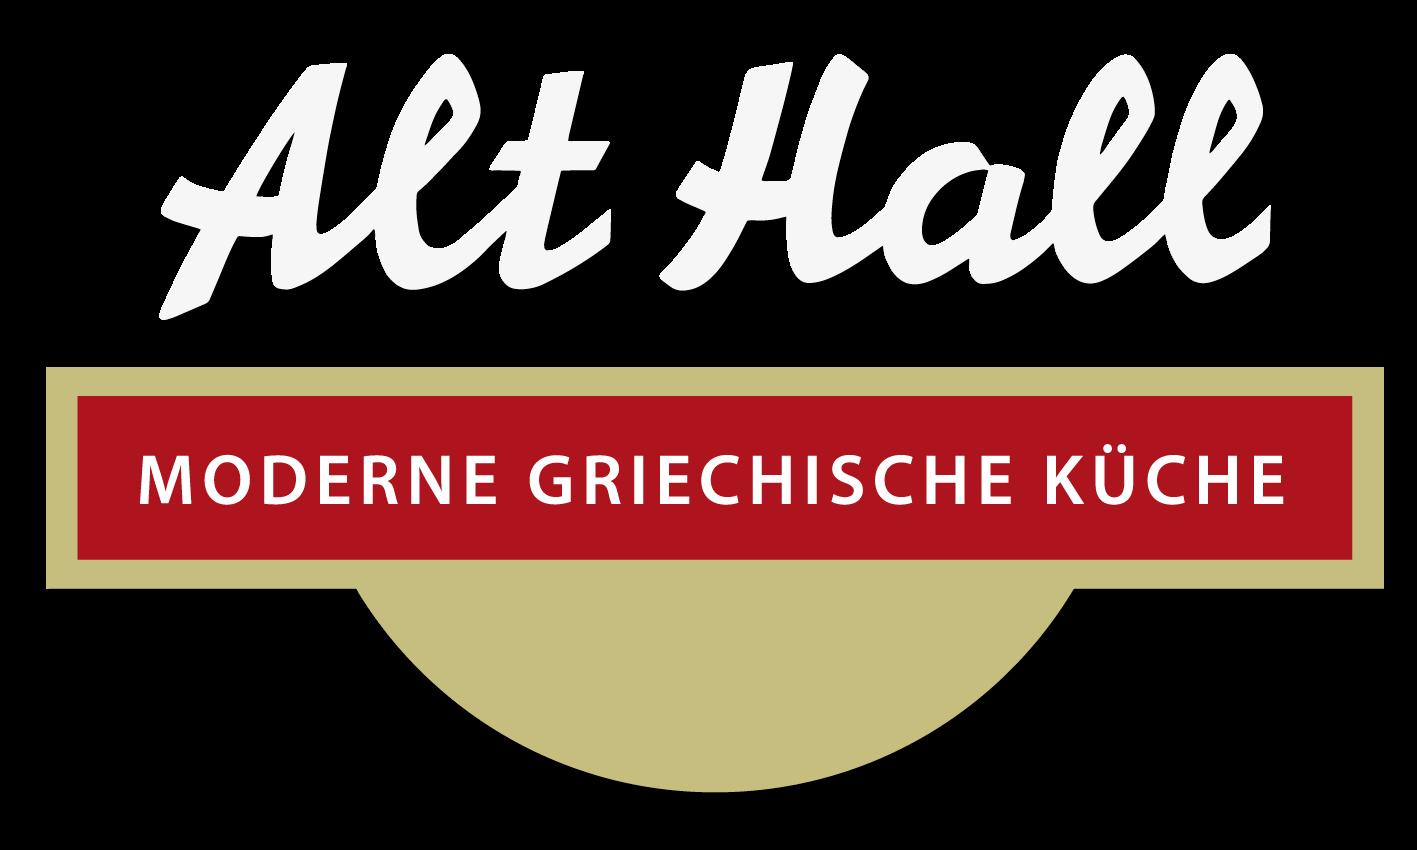 Gaststube Alt Hall Moderne Griechische Kuche Schwabisch Hall